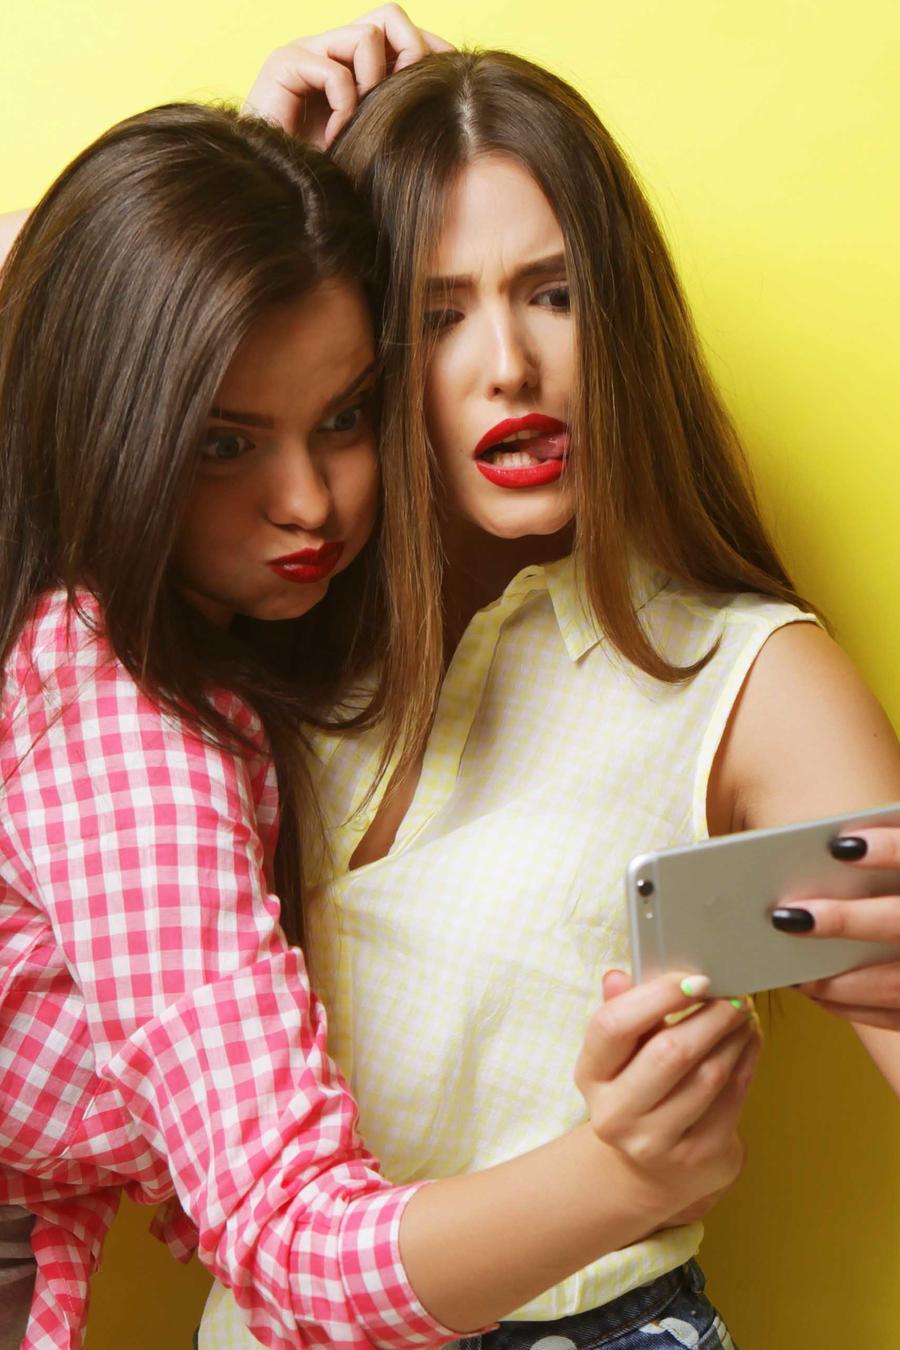 Amigas haciéndose un selfie con muecas en fondeo amarillo